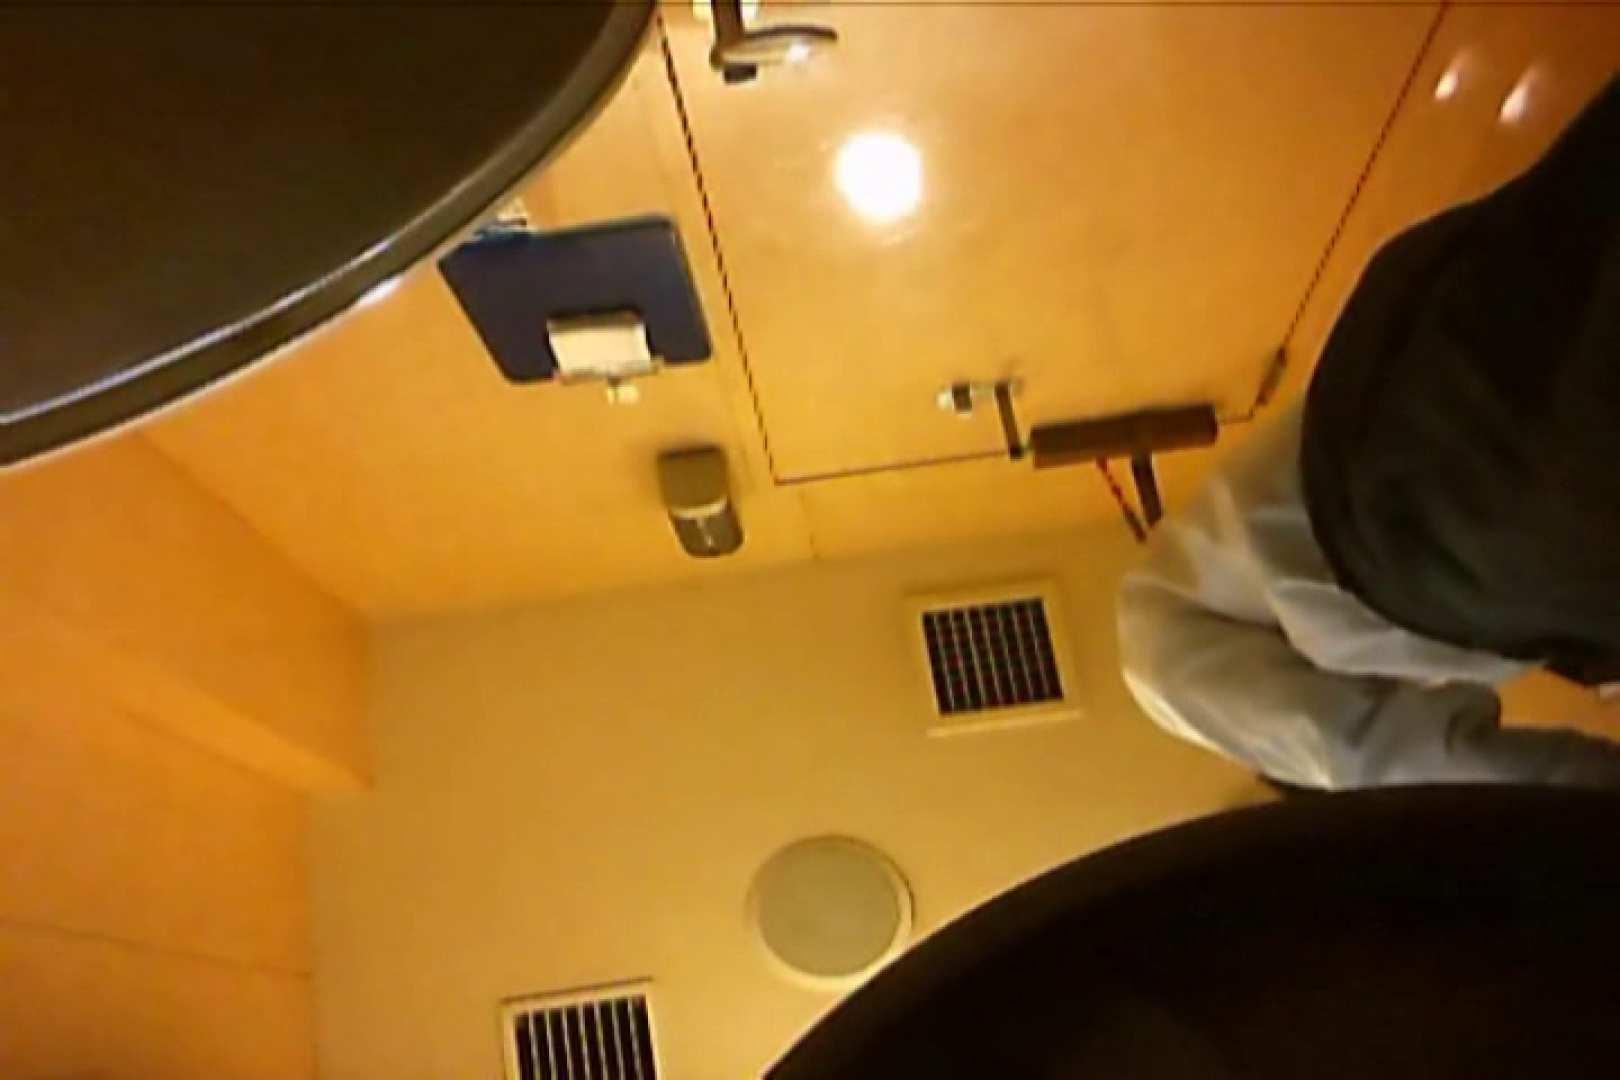 SEASON 2ND!掴み取りさんの洗面所覗き!in新幹線!VOL.18 スジ筋系ボーイズ | のぞき  100pic 25